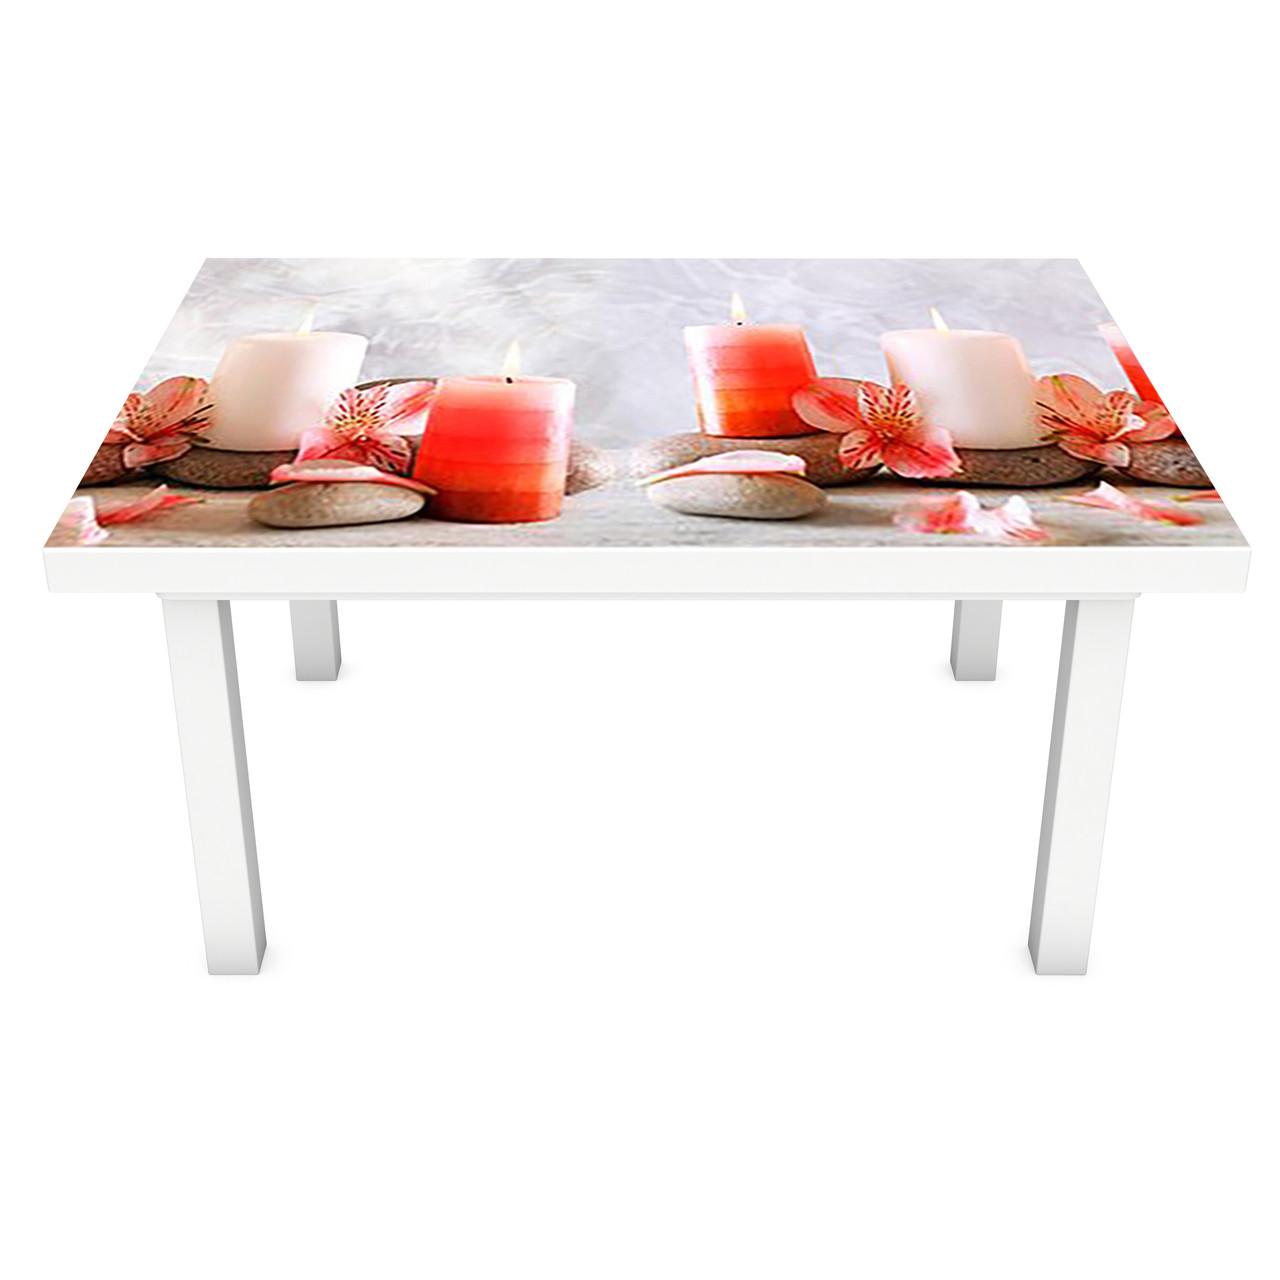 Наклейка на стіл вінілова Ніжні свічки і квіти на меблі інтер'єрна ПВХ 3Д релакс червоний 600*1200 мм